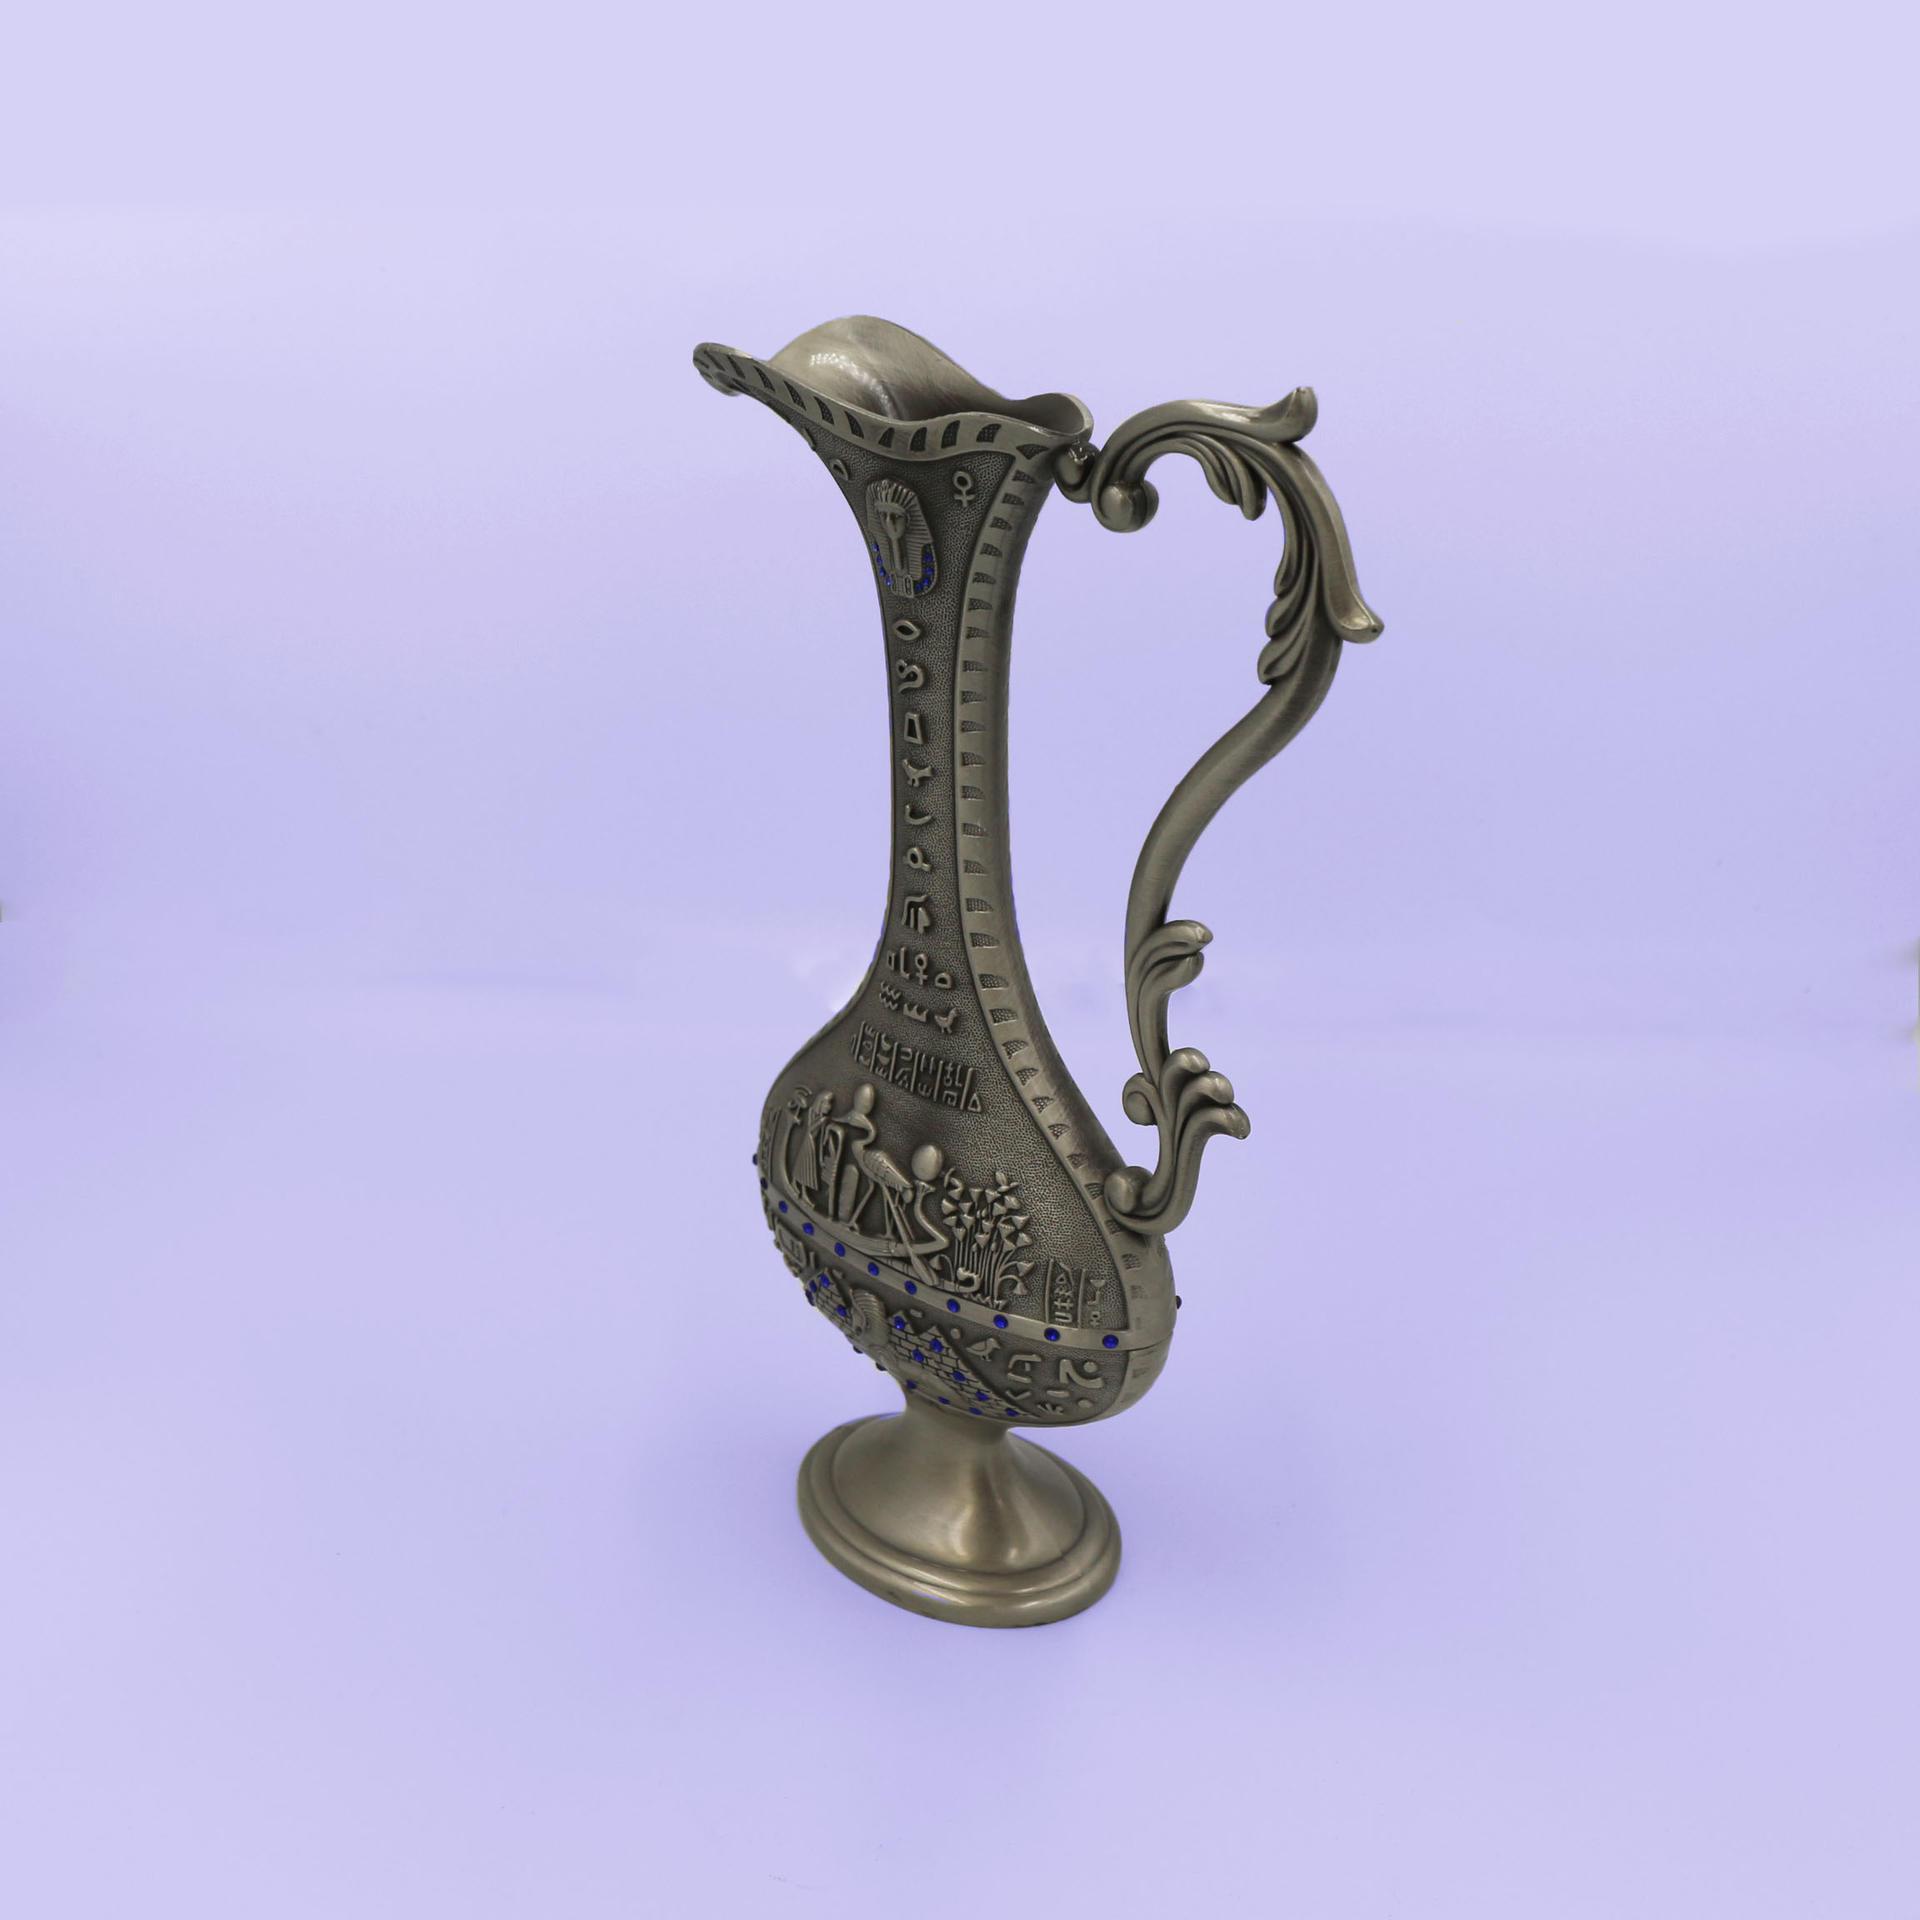 Retro flat pot vase craft ornaments